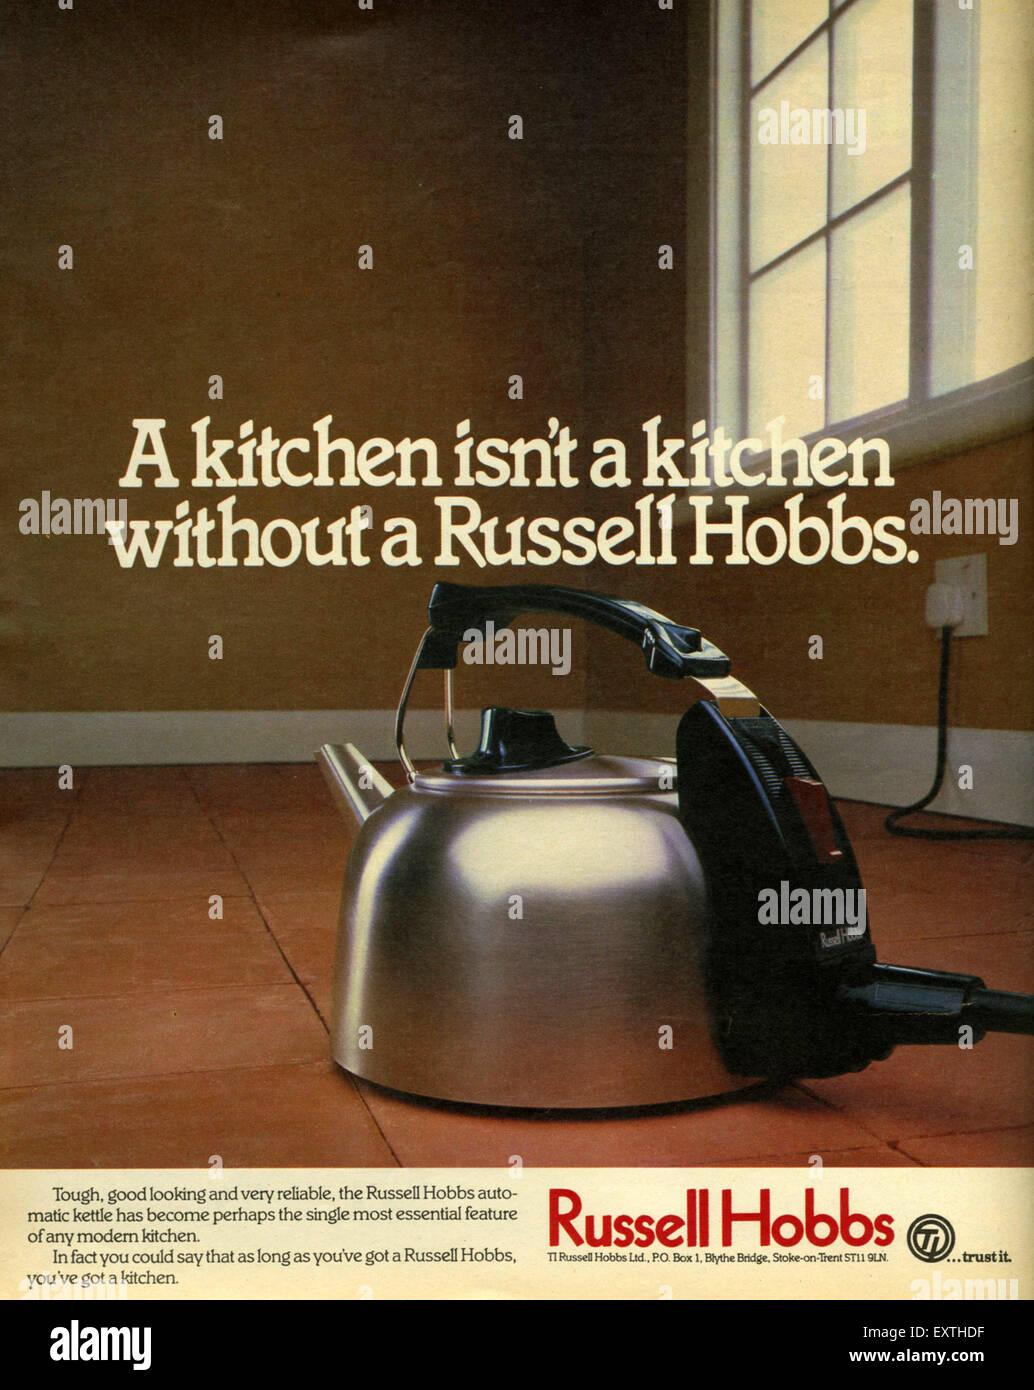 UK Russell Hobbs Magazine Advert - Stock Image